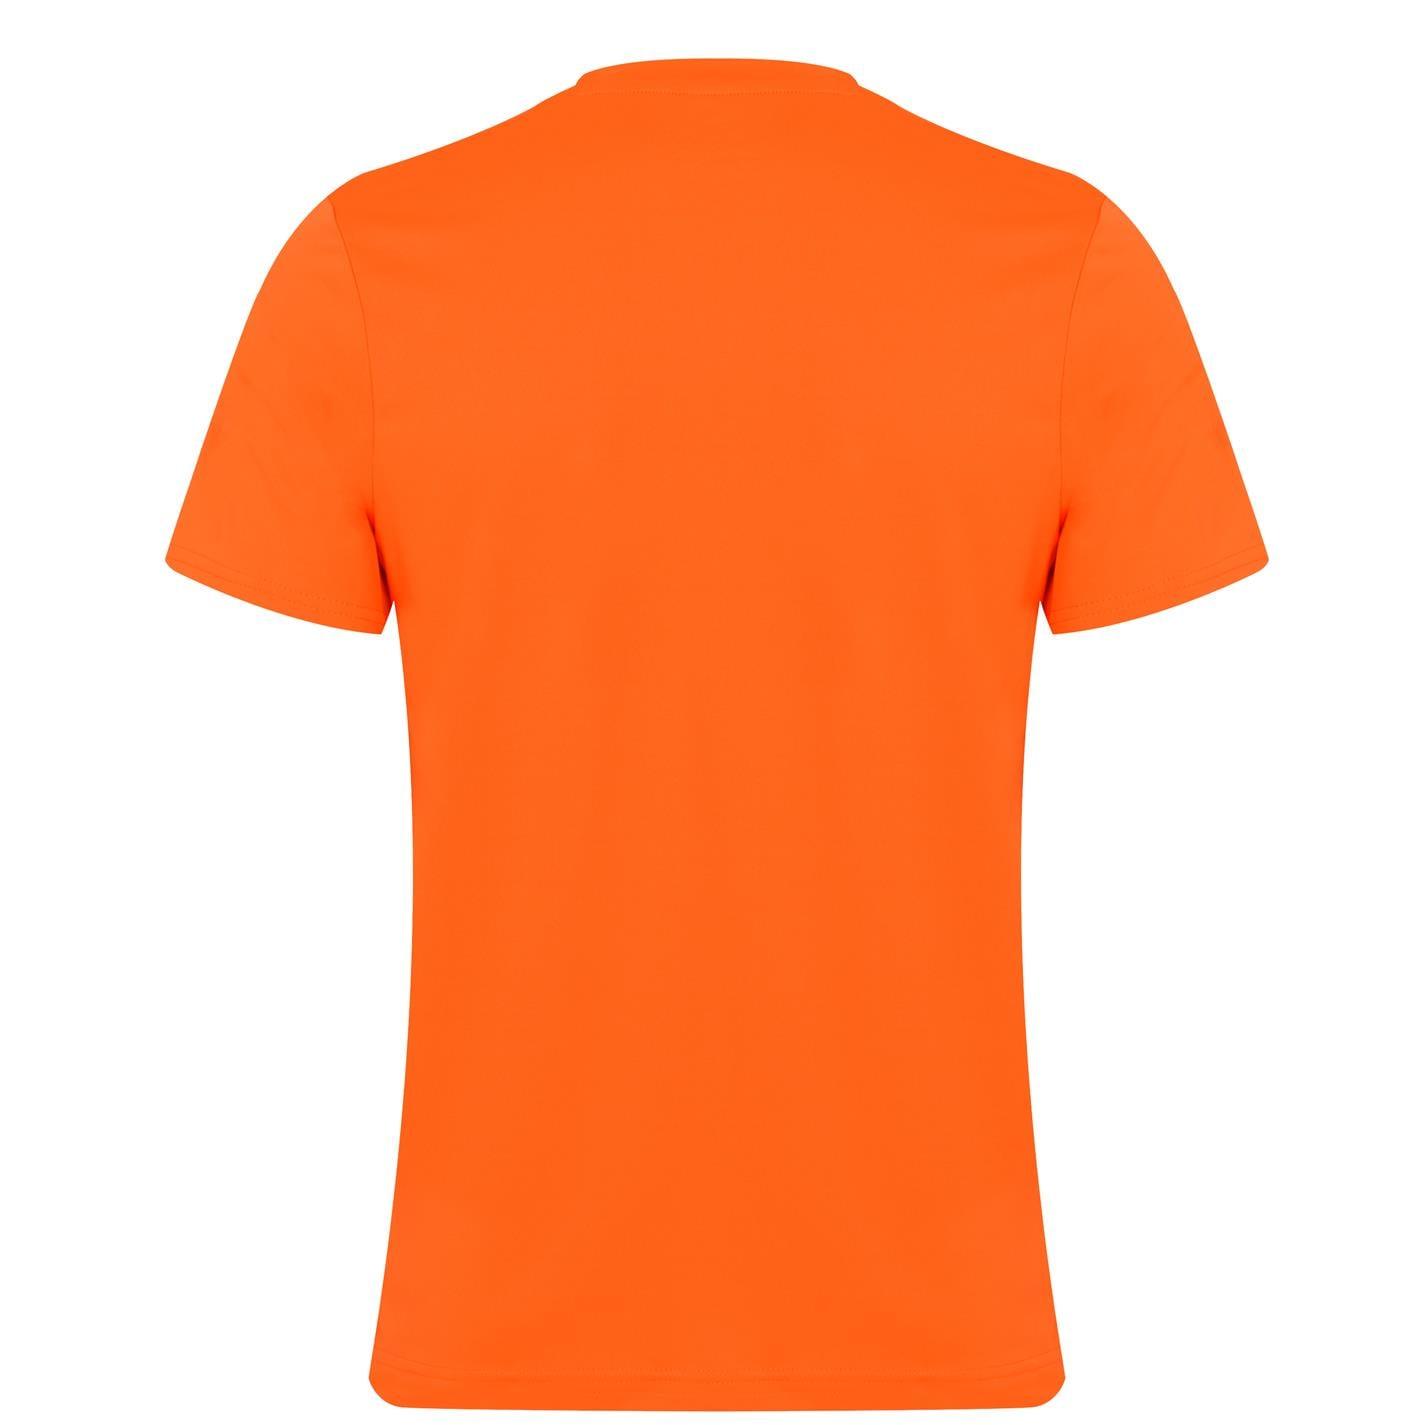 Tricou fotbal Castore Rangers 2021 2022 portocaliu